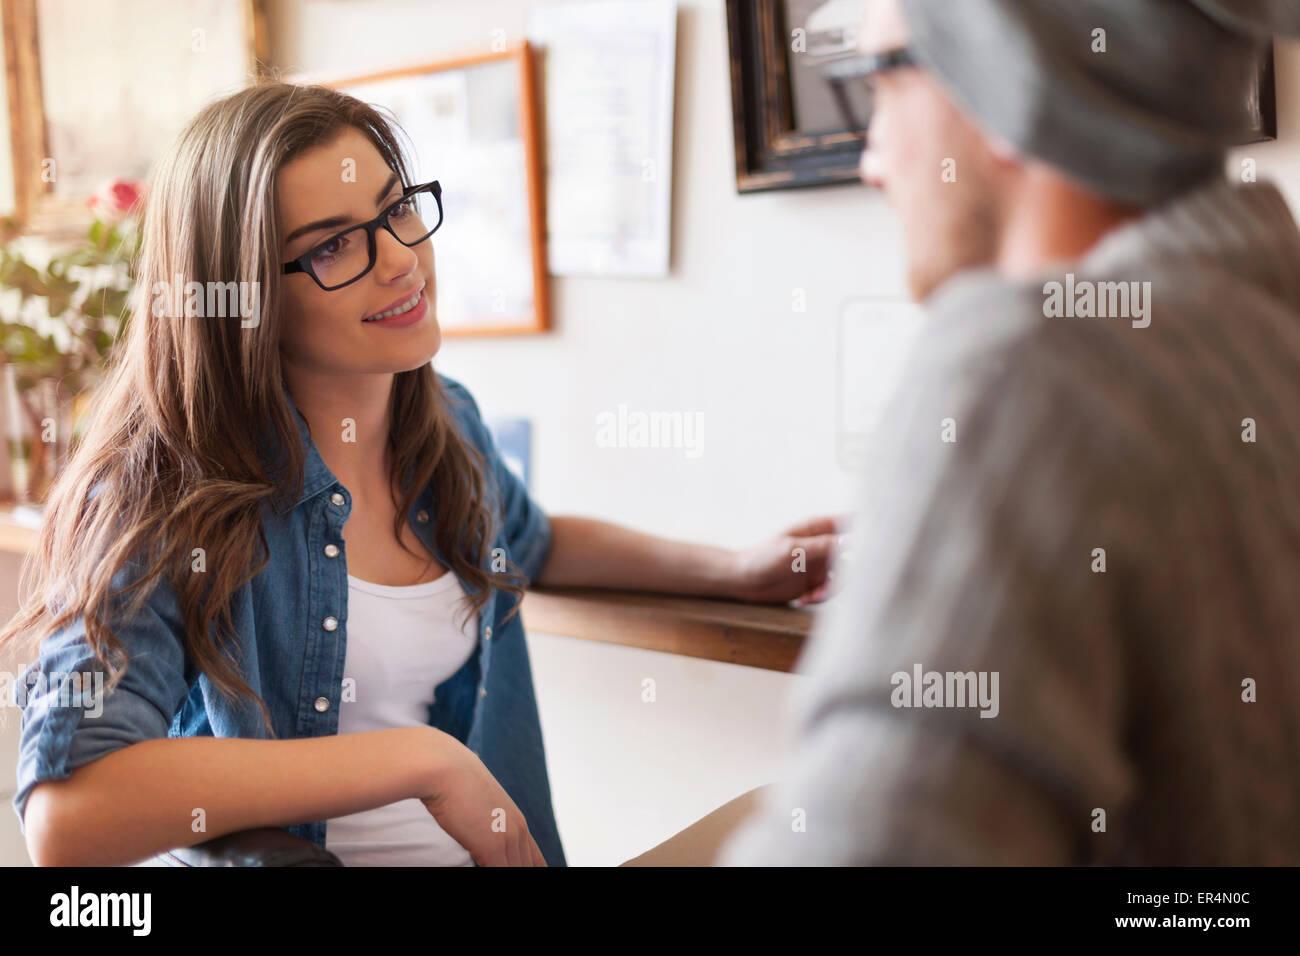 Dating di amare giovane in cafe. Cracovia in Polonia Immagini Stock